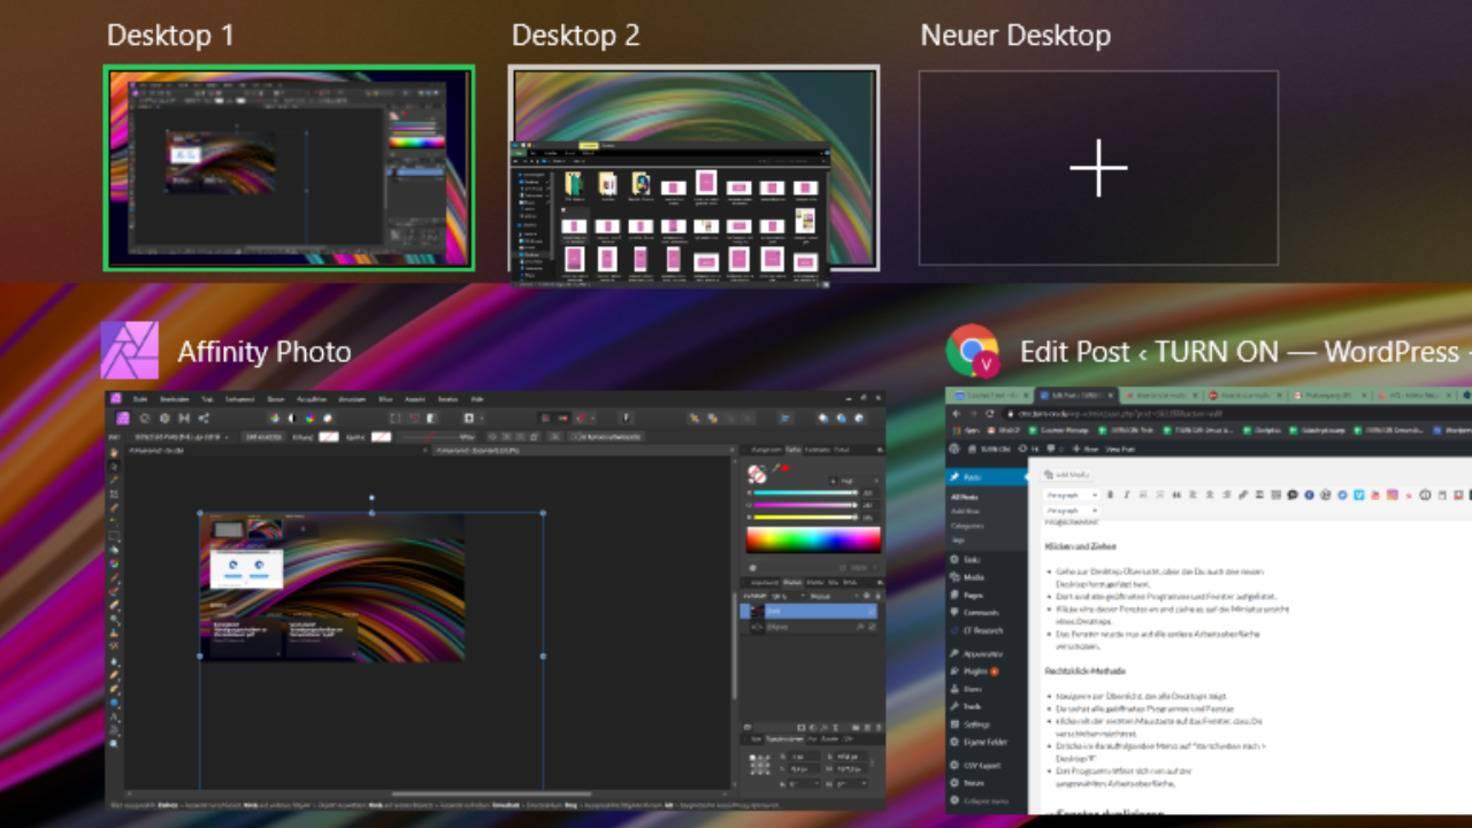 Fenster zwischen Desktops wechseln